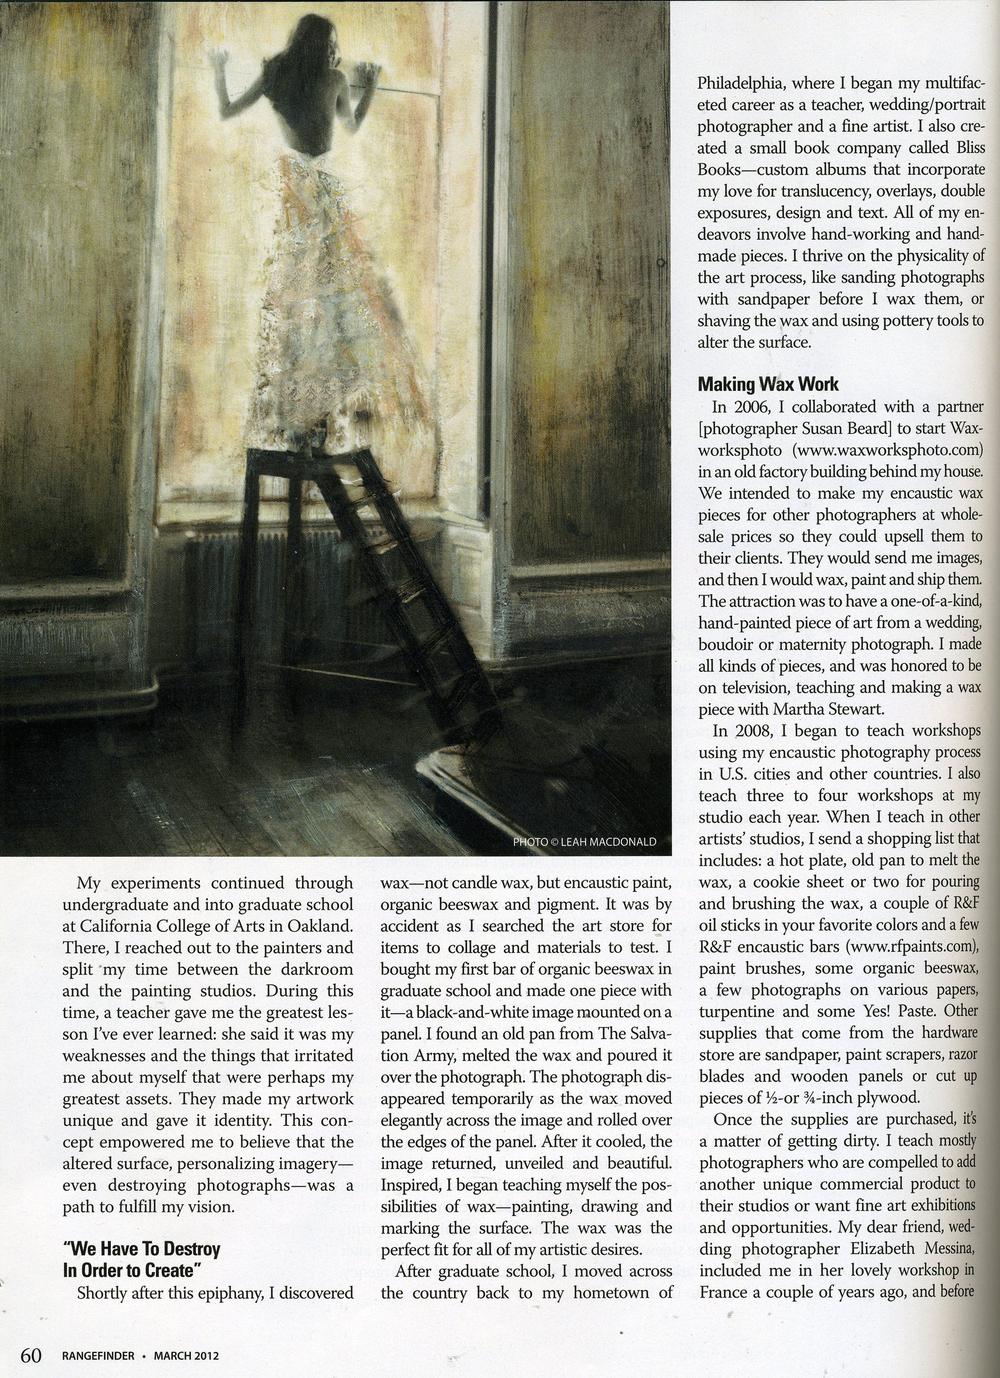 article465.jpg